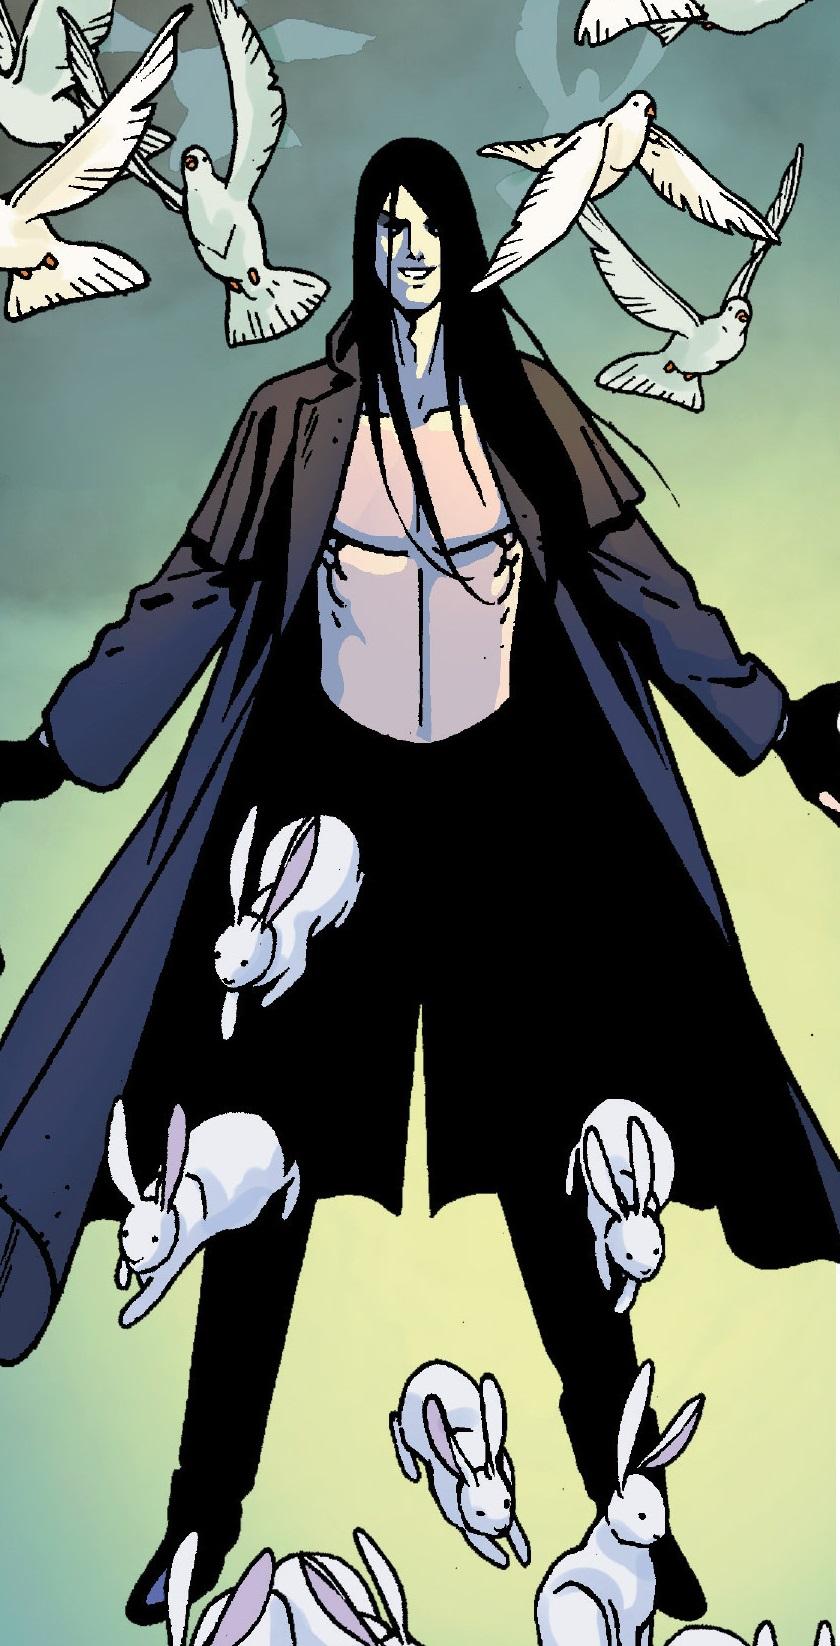 Magician (Guardineer) (Earth-616)